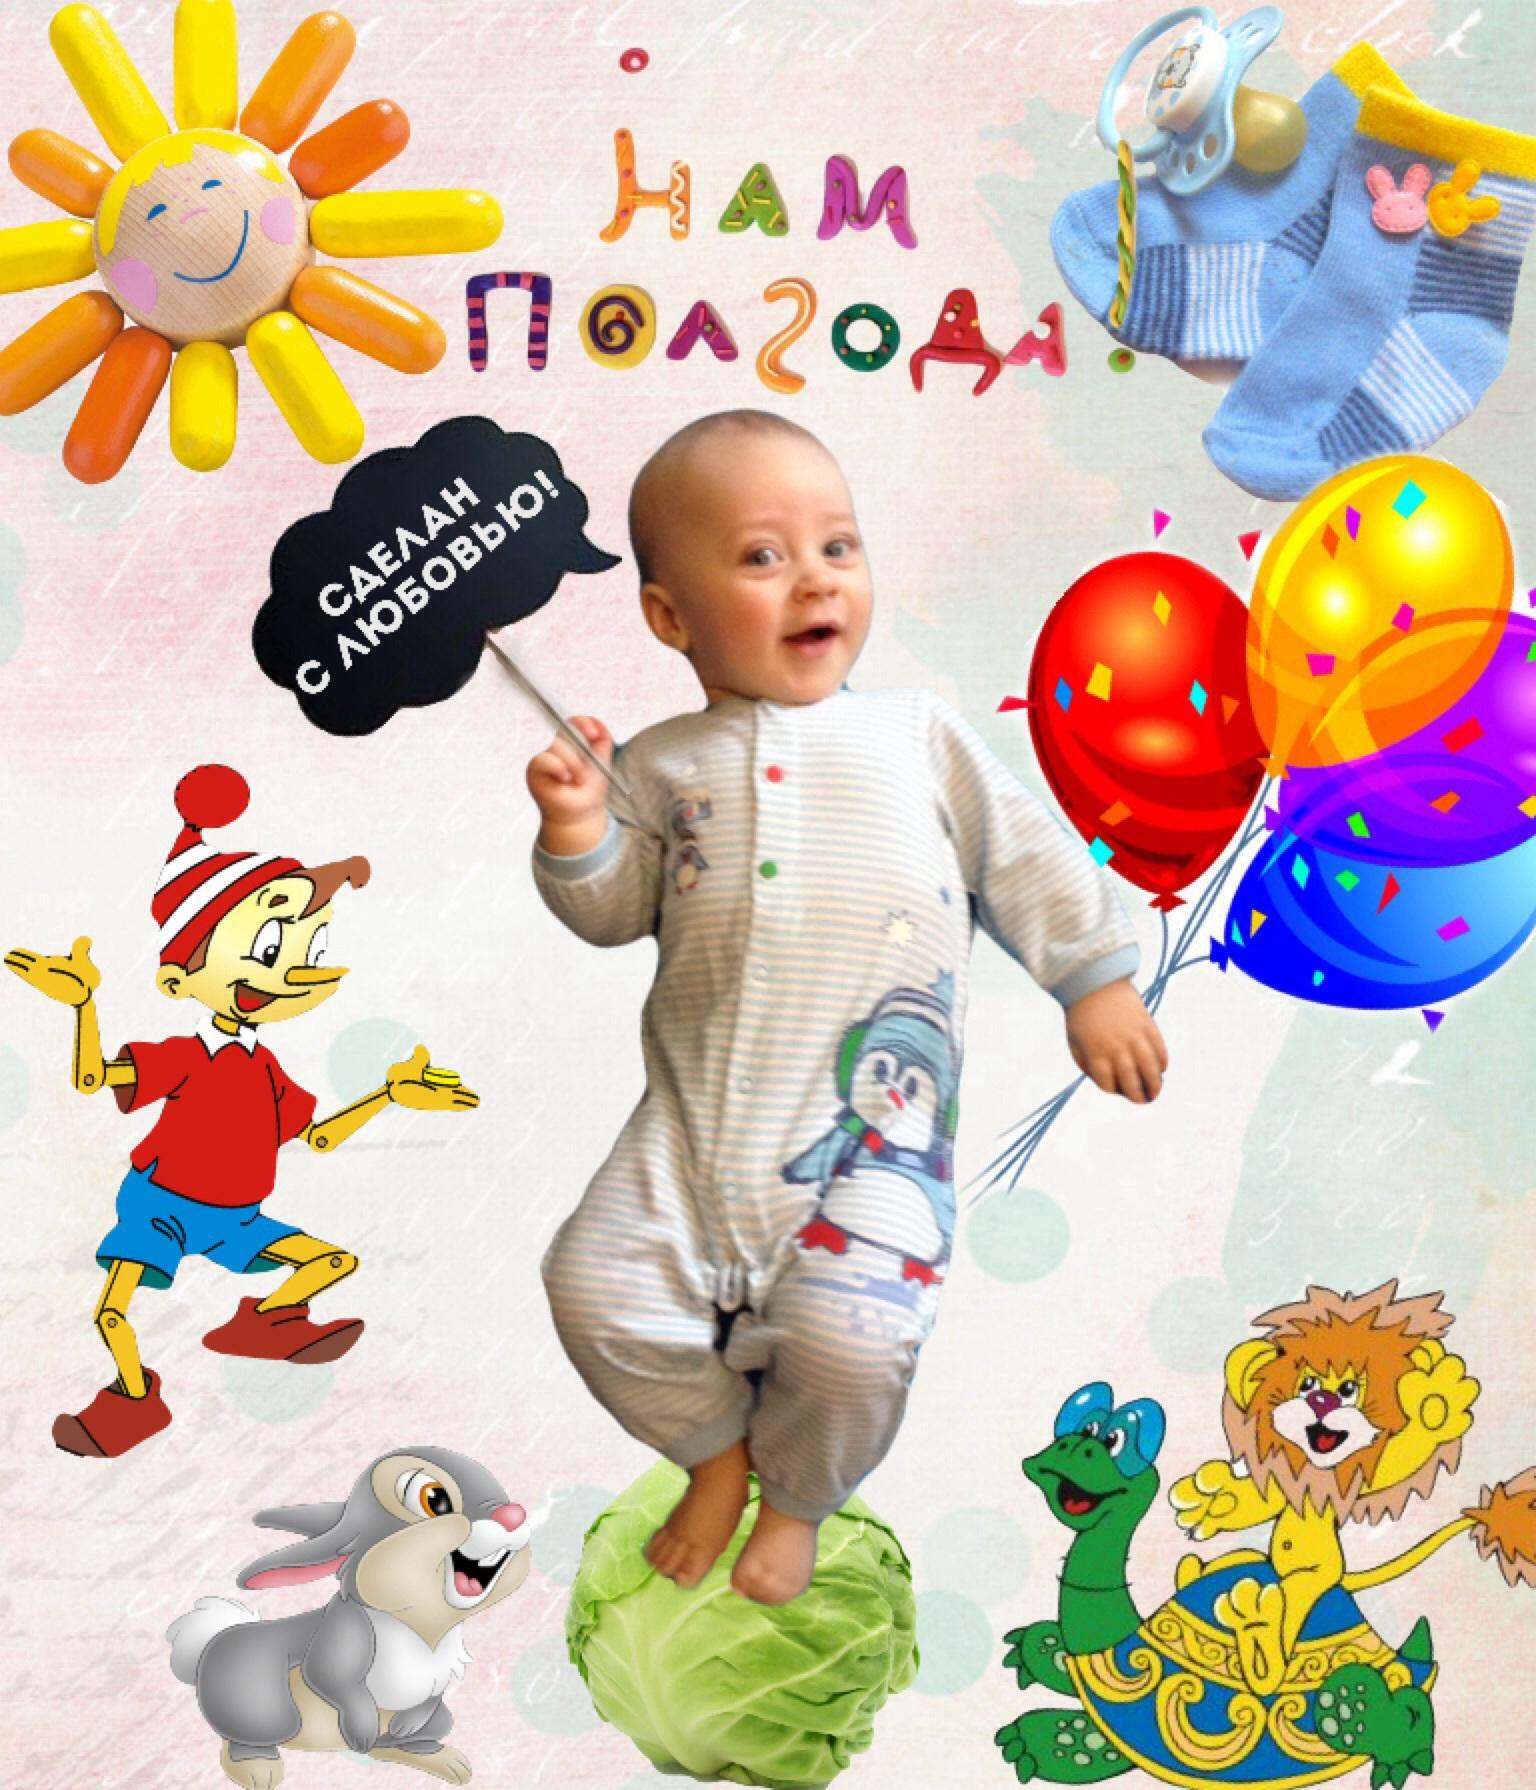 Поздравления для сына полтора годика